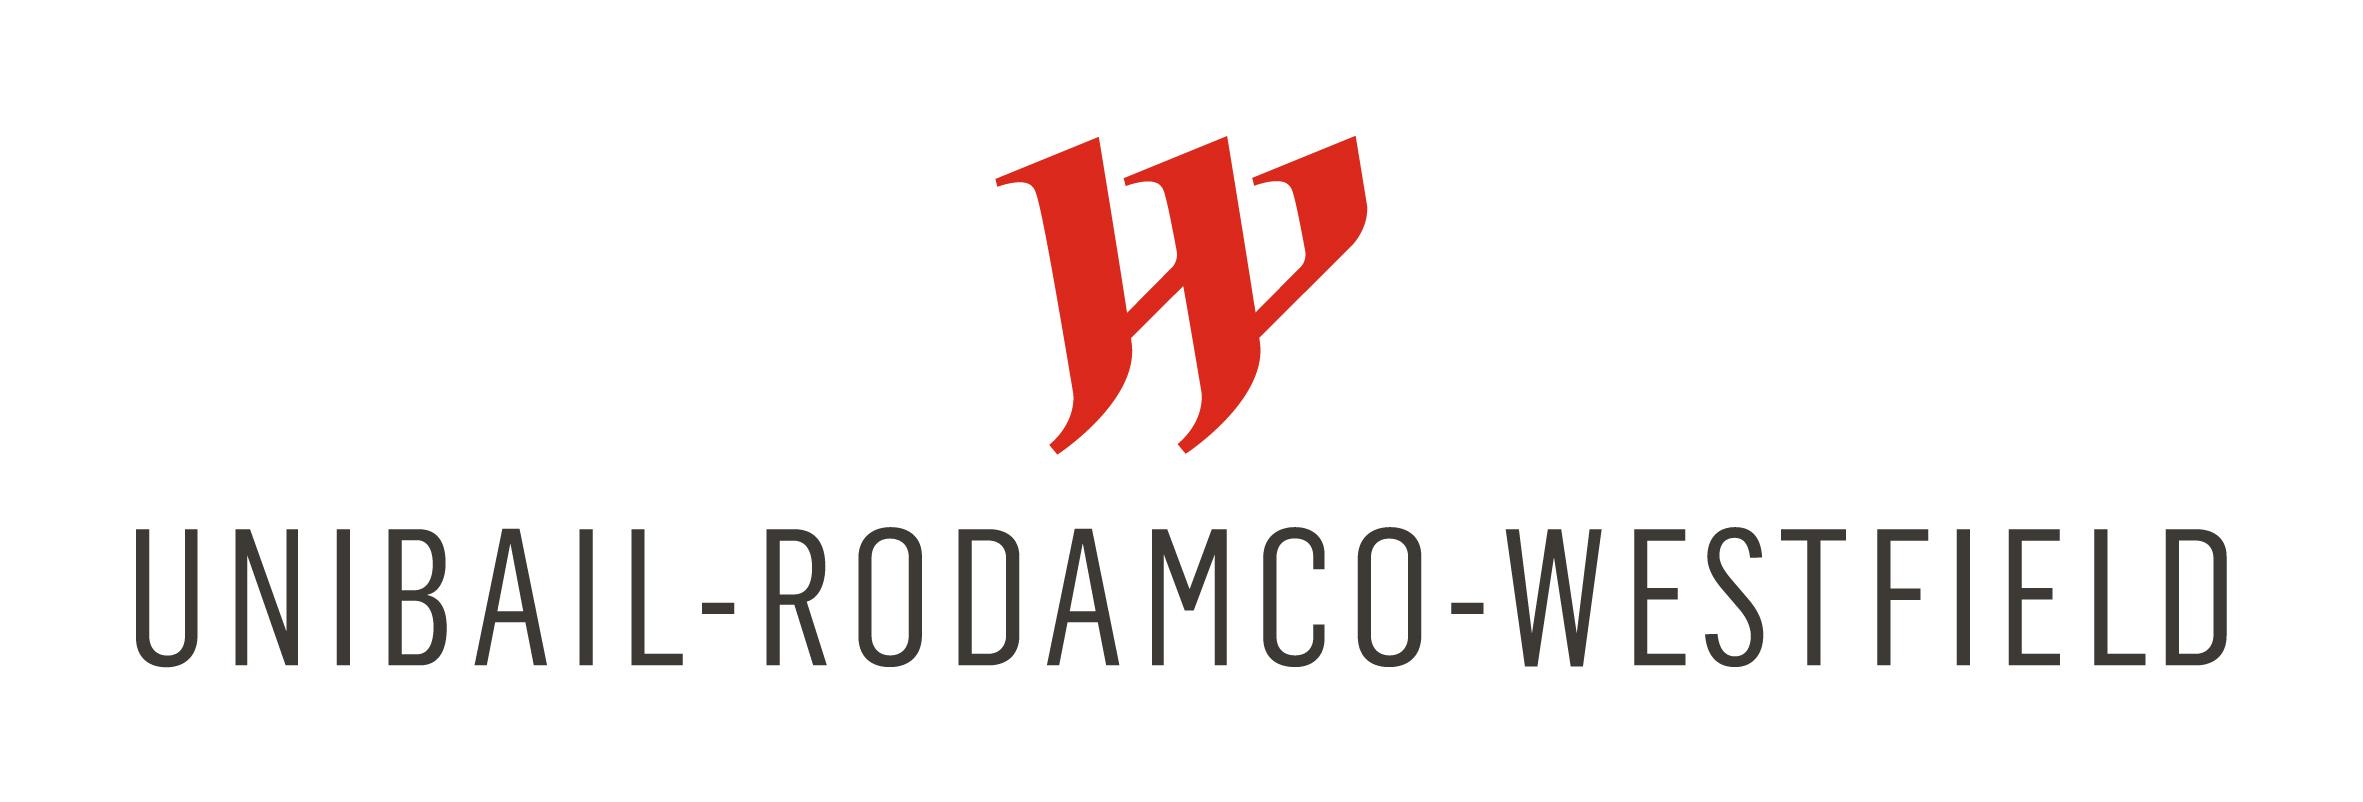 www.urw.com - logo